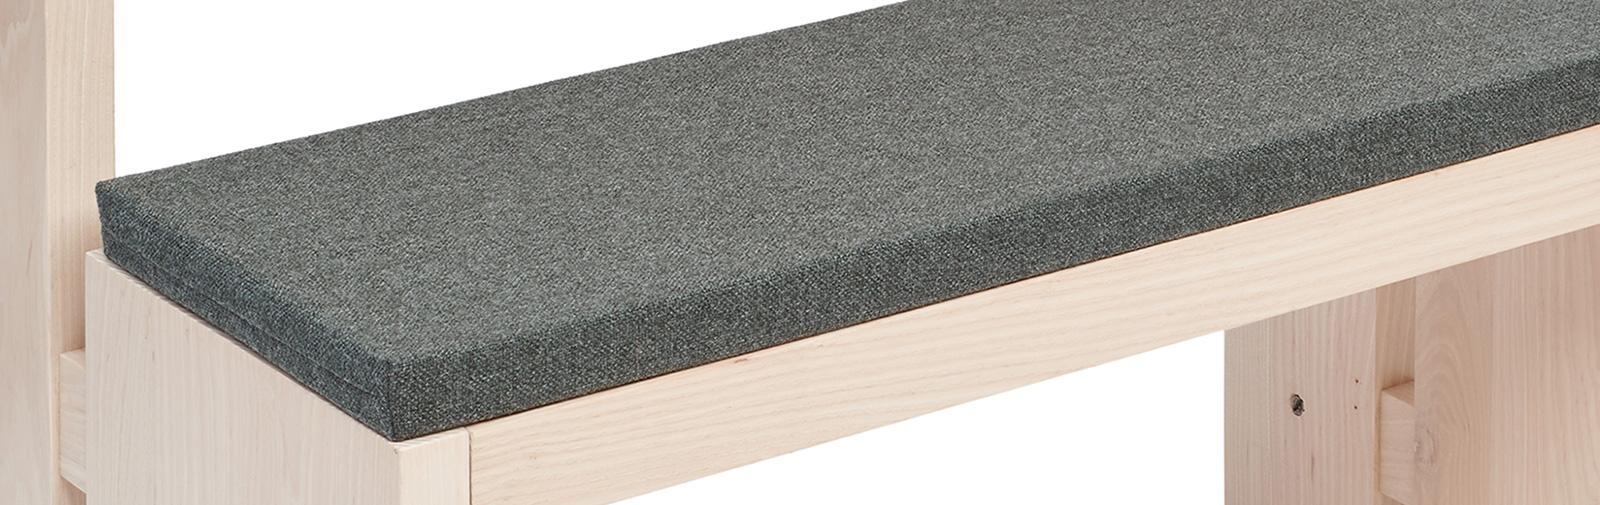 banque échantillon coussin Bankauflage Simplex 40 mm code couleur 7800 coleur gris foncé